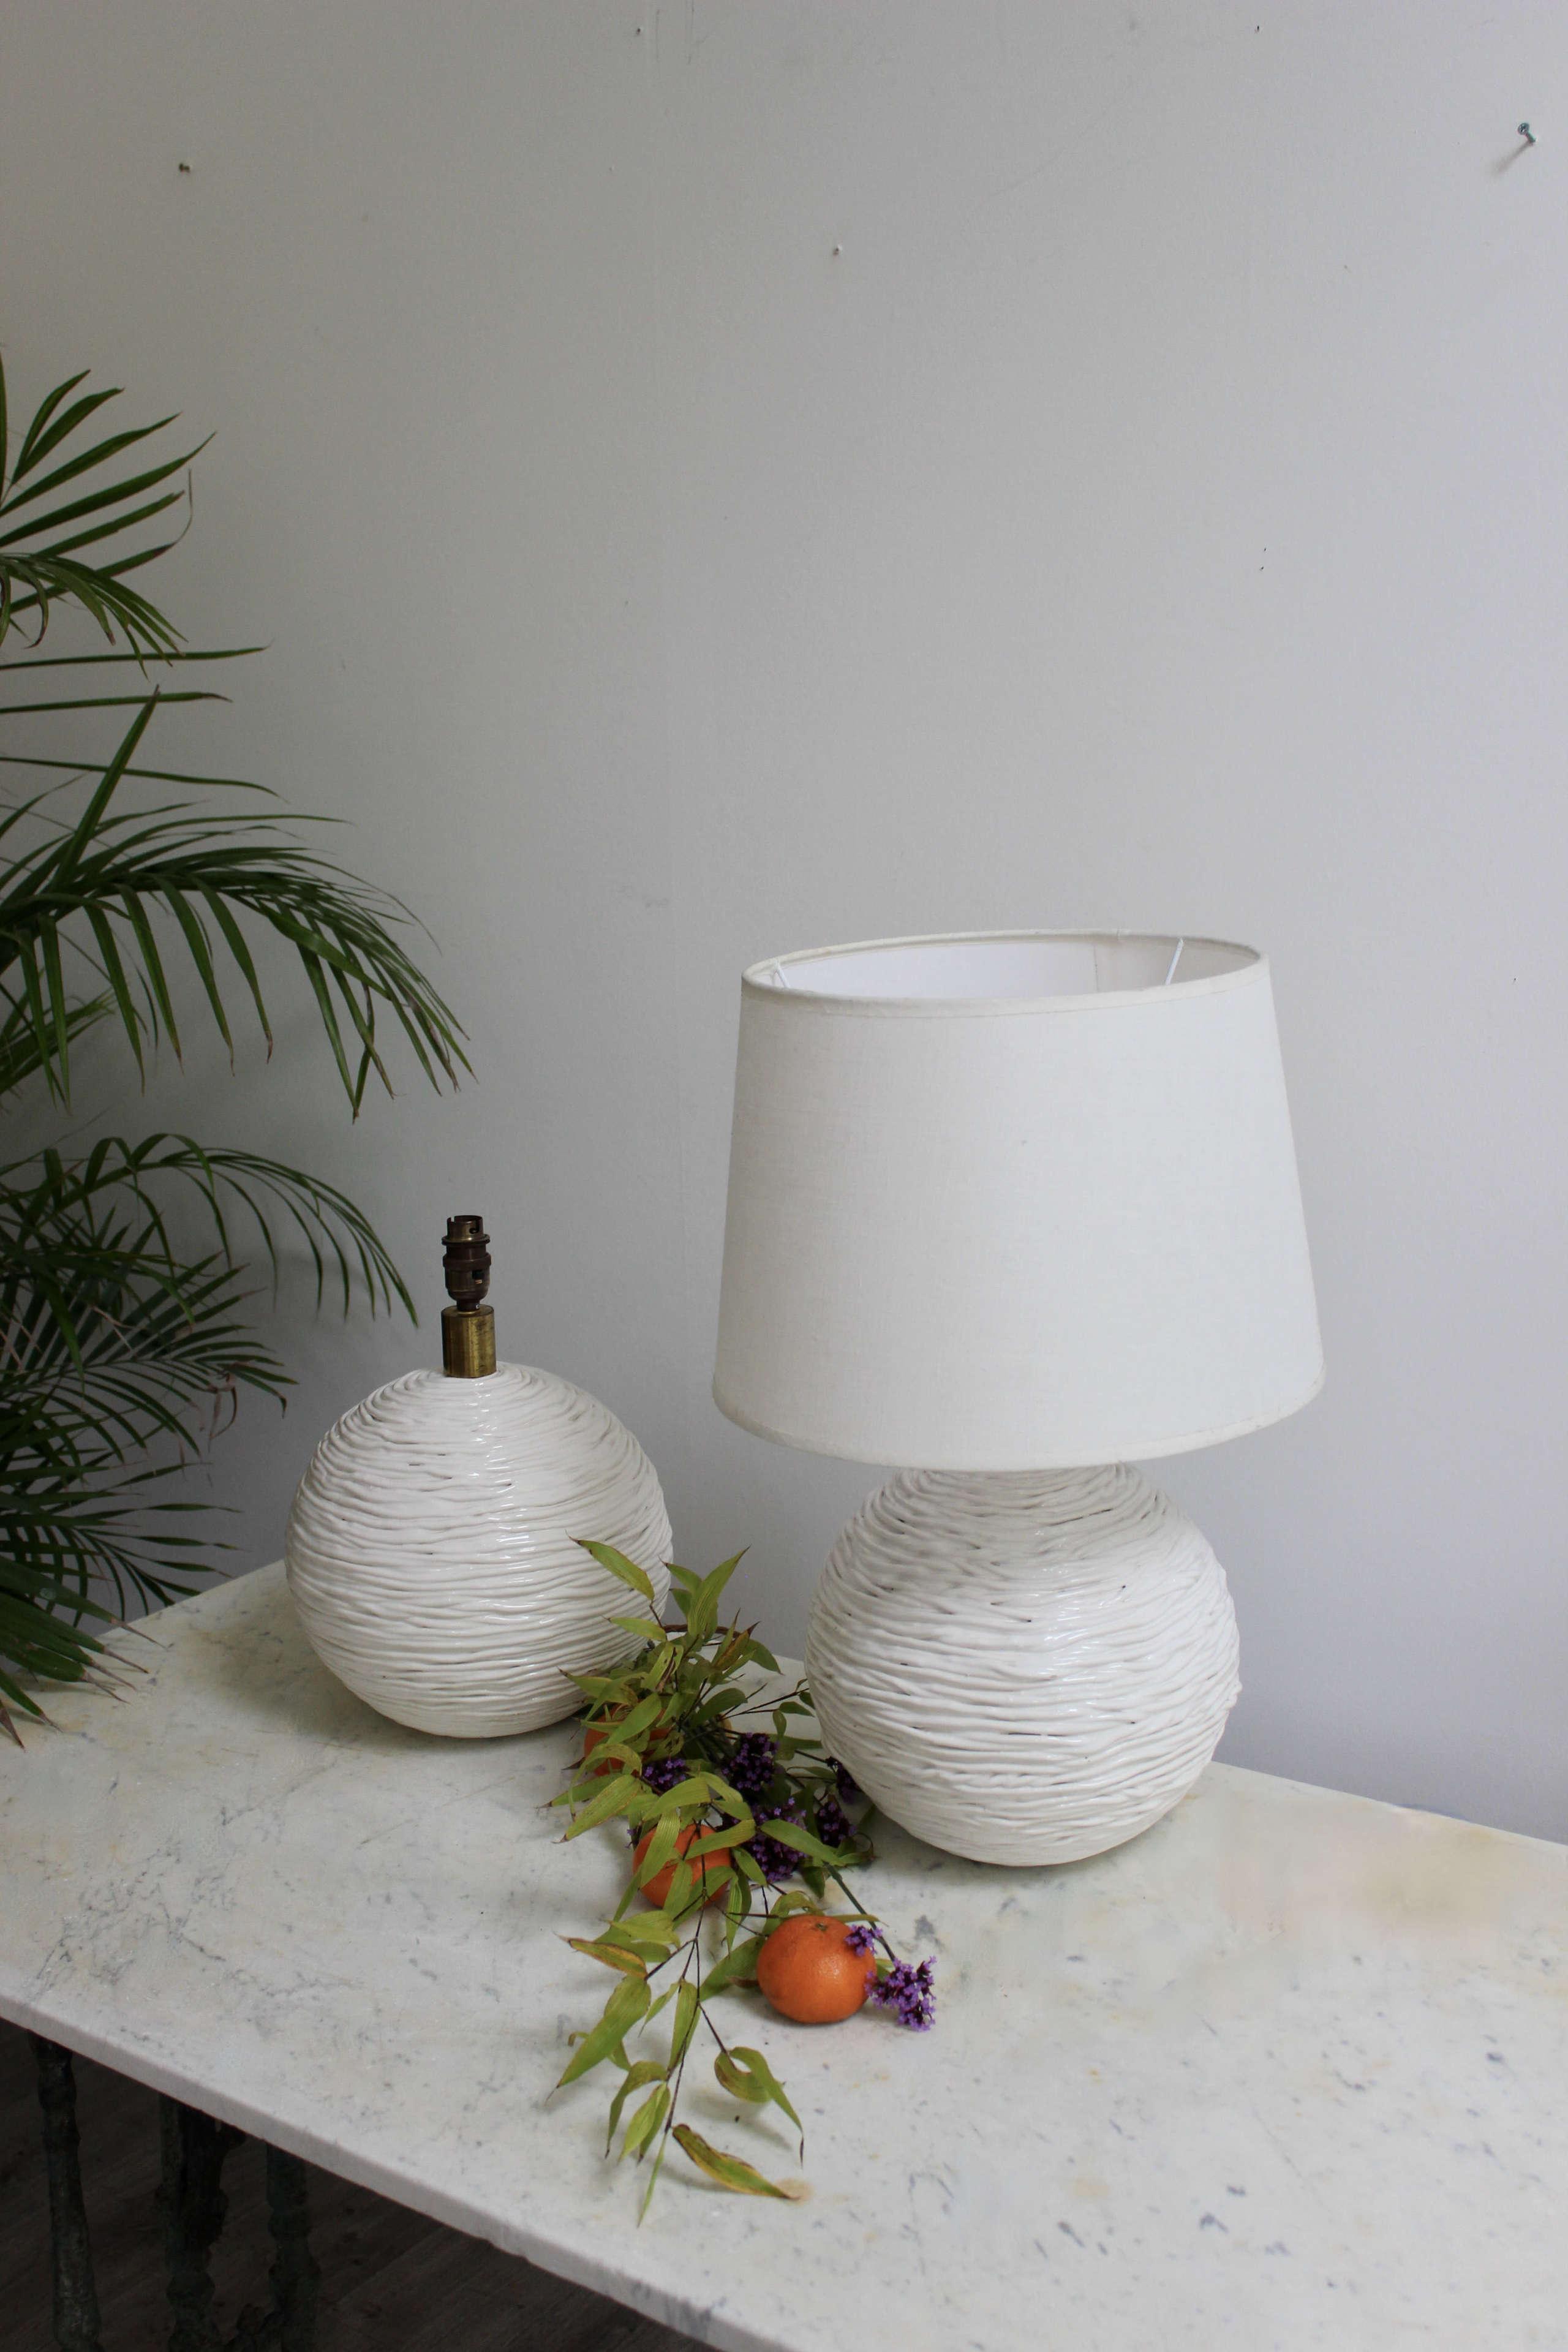 Pair of mid century Spanish ceramic lamps